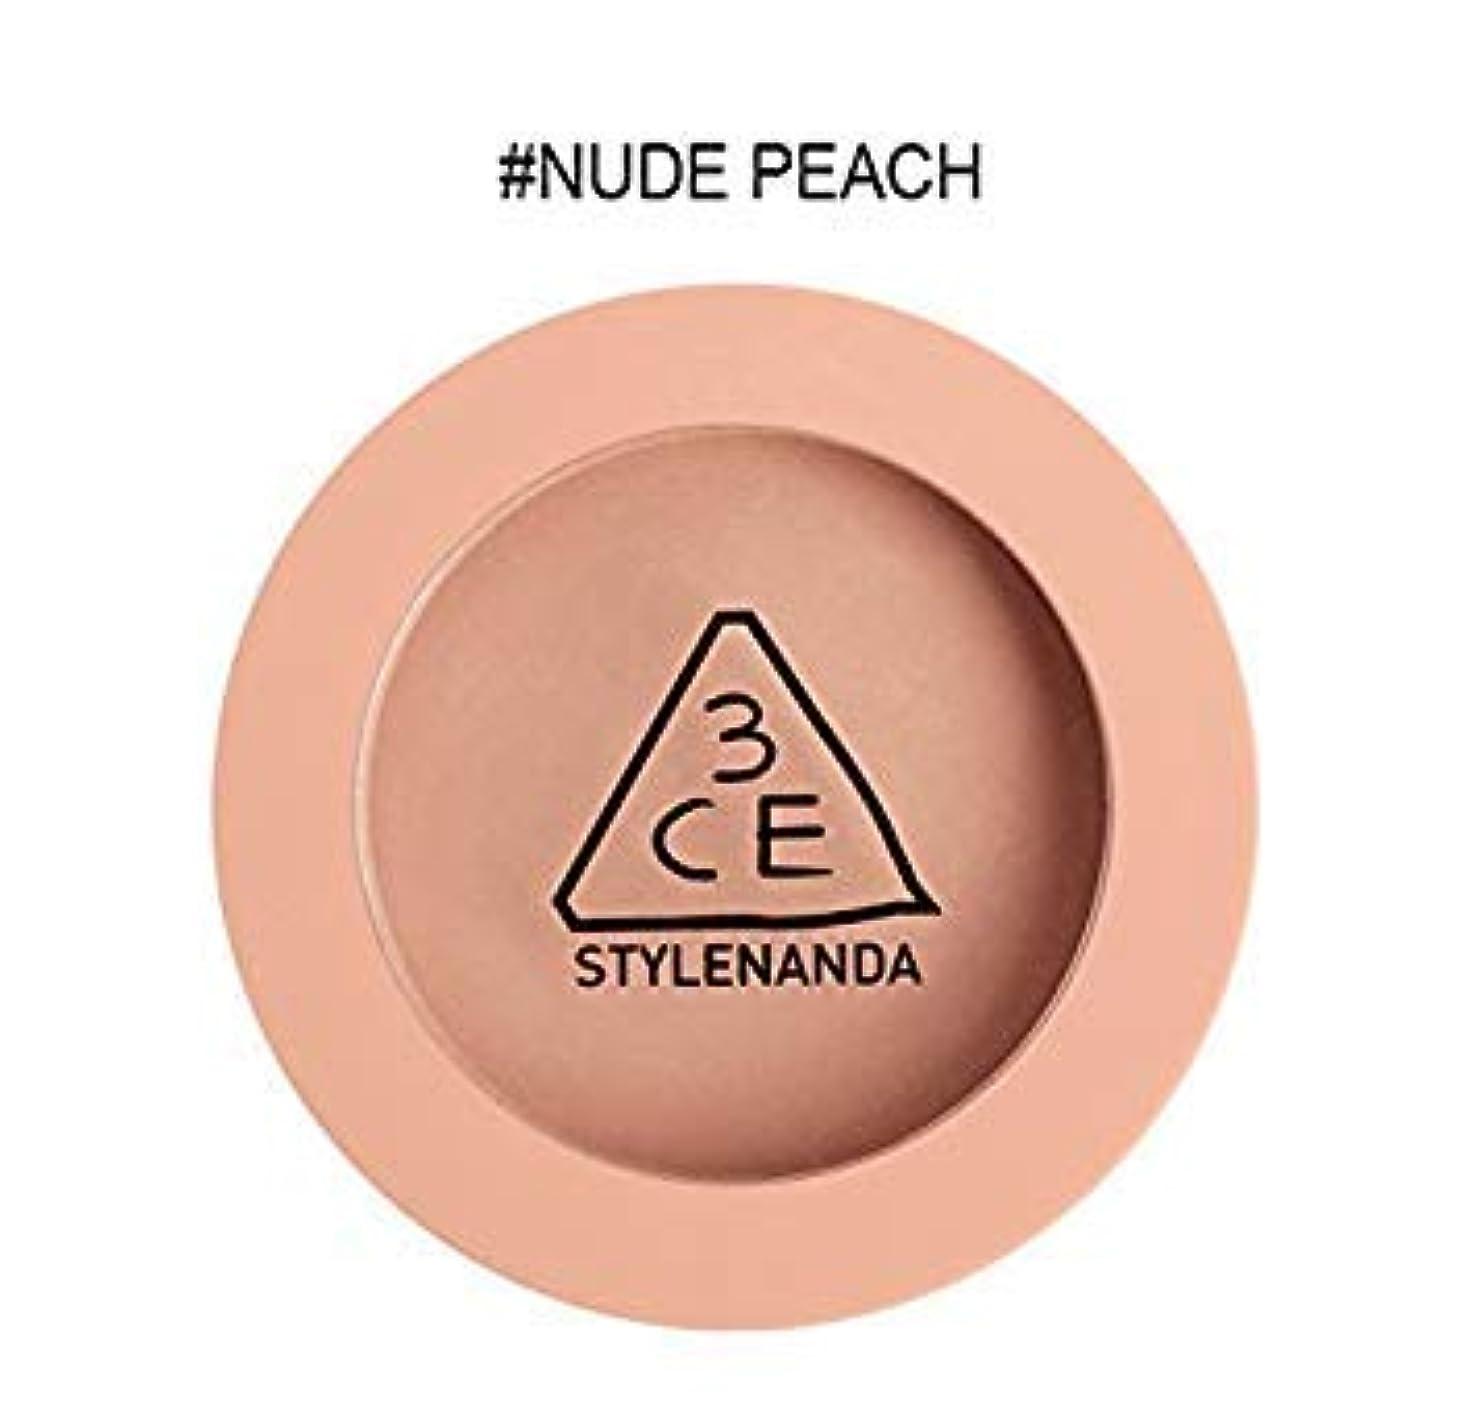 拡大する不測の事態立ち向かう3CE ムードレシピ フェイス ブラッシュ (チーク) / Mood Recipe Face Blush (ヌードピーチ(Nude Peach)) [並行輸入品]